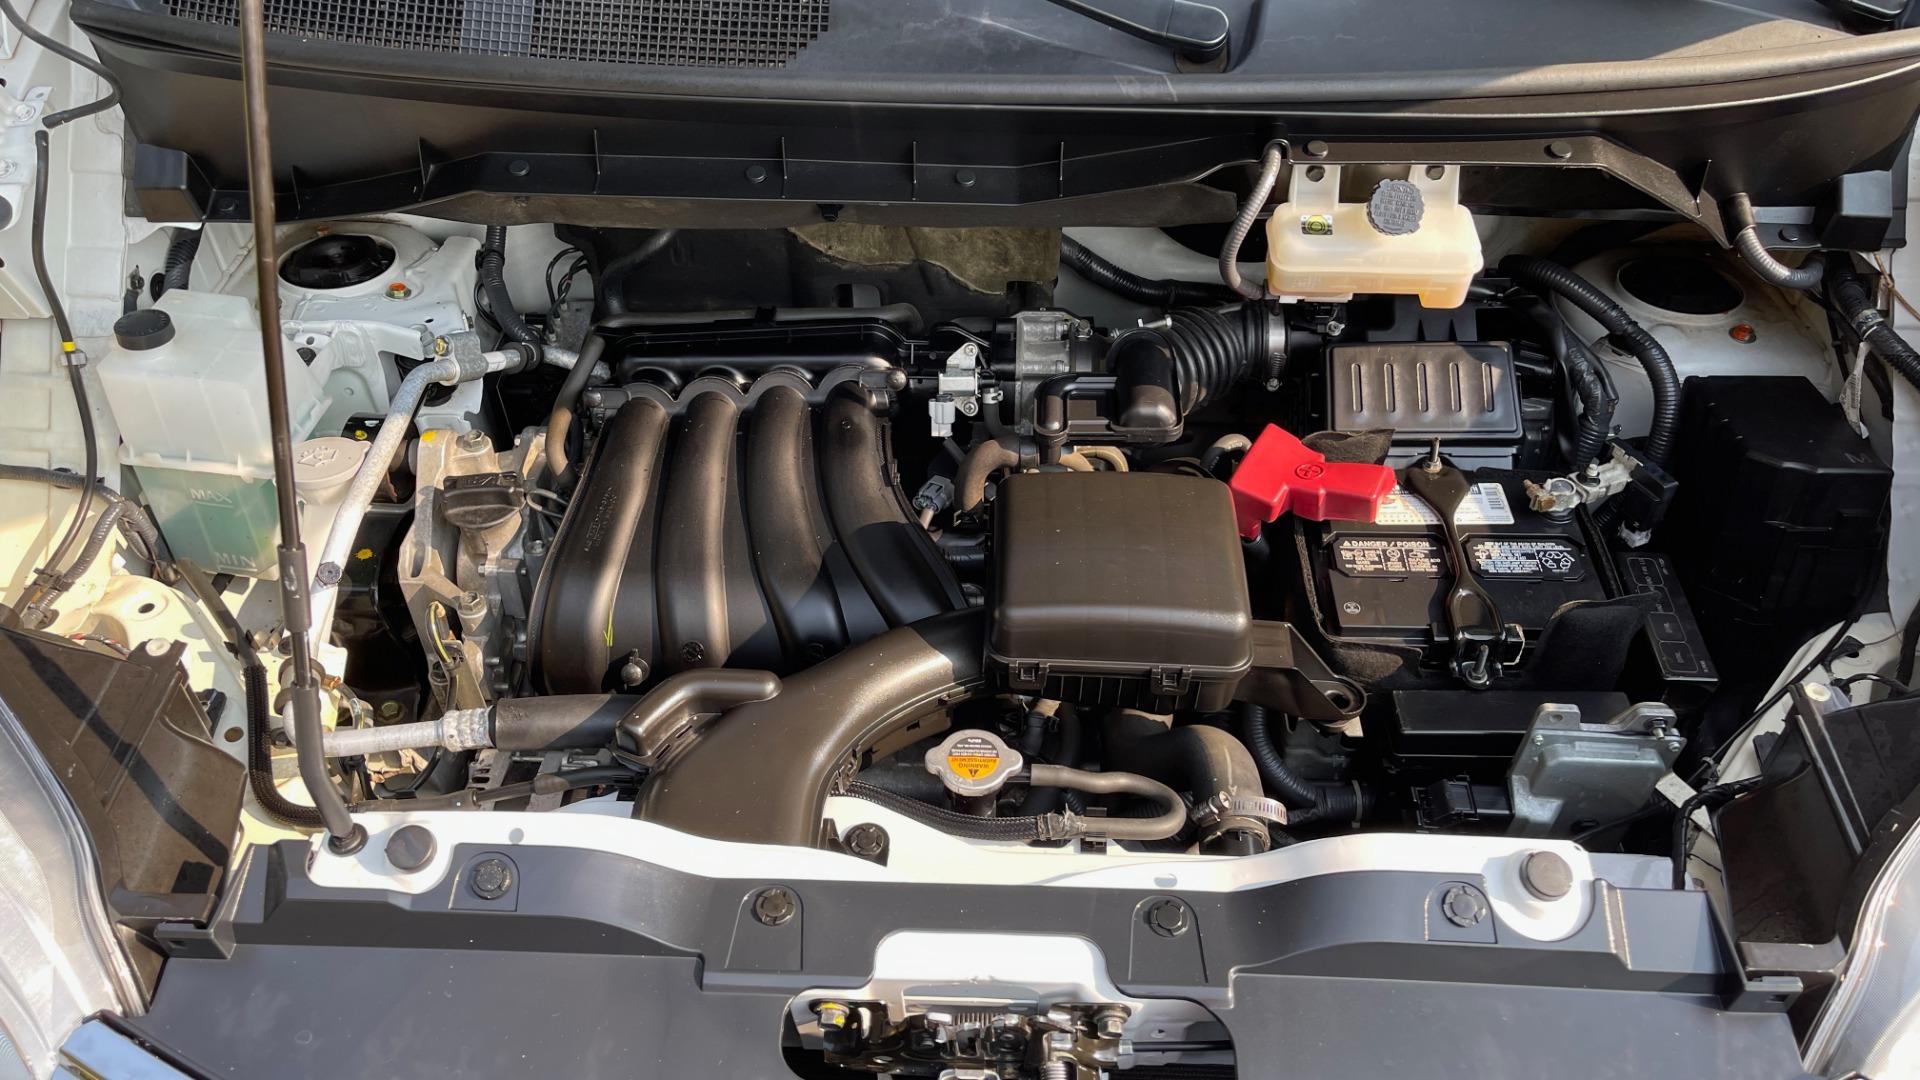 Used 2016 Nissan NV200 SV / WORK VAN / EXT APPEARNACE PKG / SPLASH GUARDS for sale $15,400 at Formula Imports in Charlotte NC 28227 4